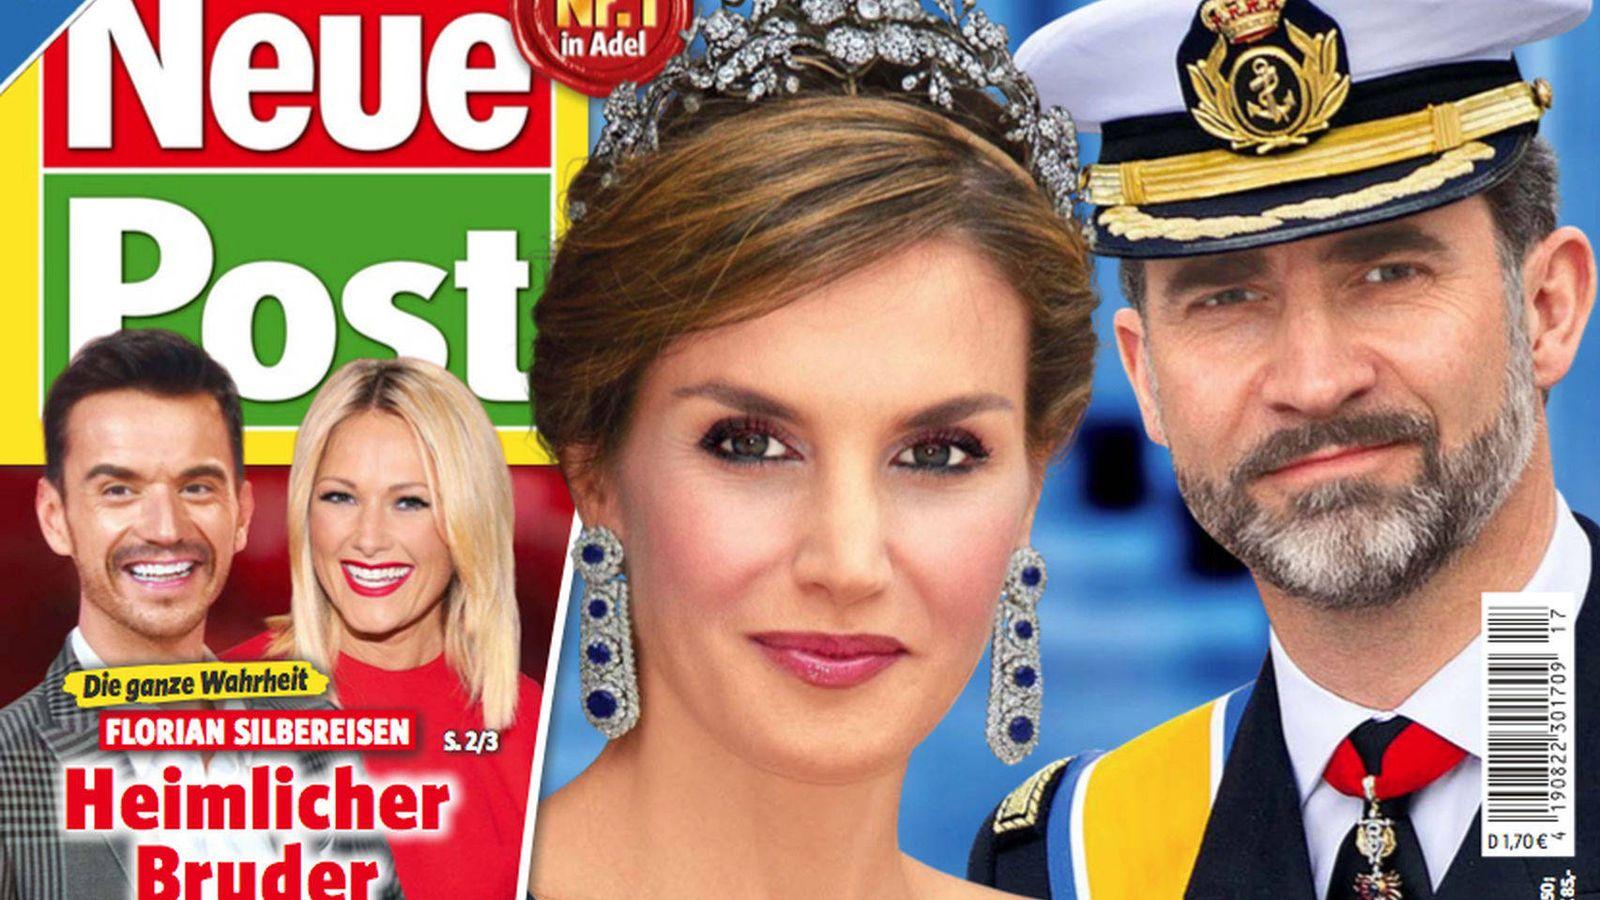 Foto: Una de las portadas sobre los Reyes de 'Neue Post'.